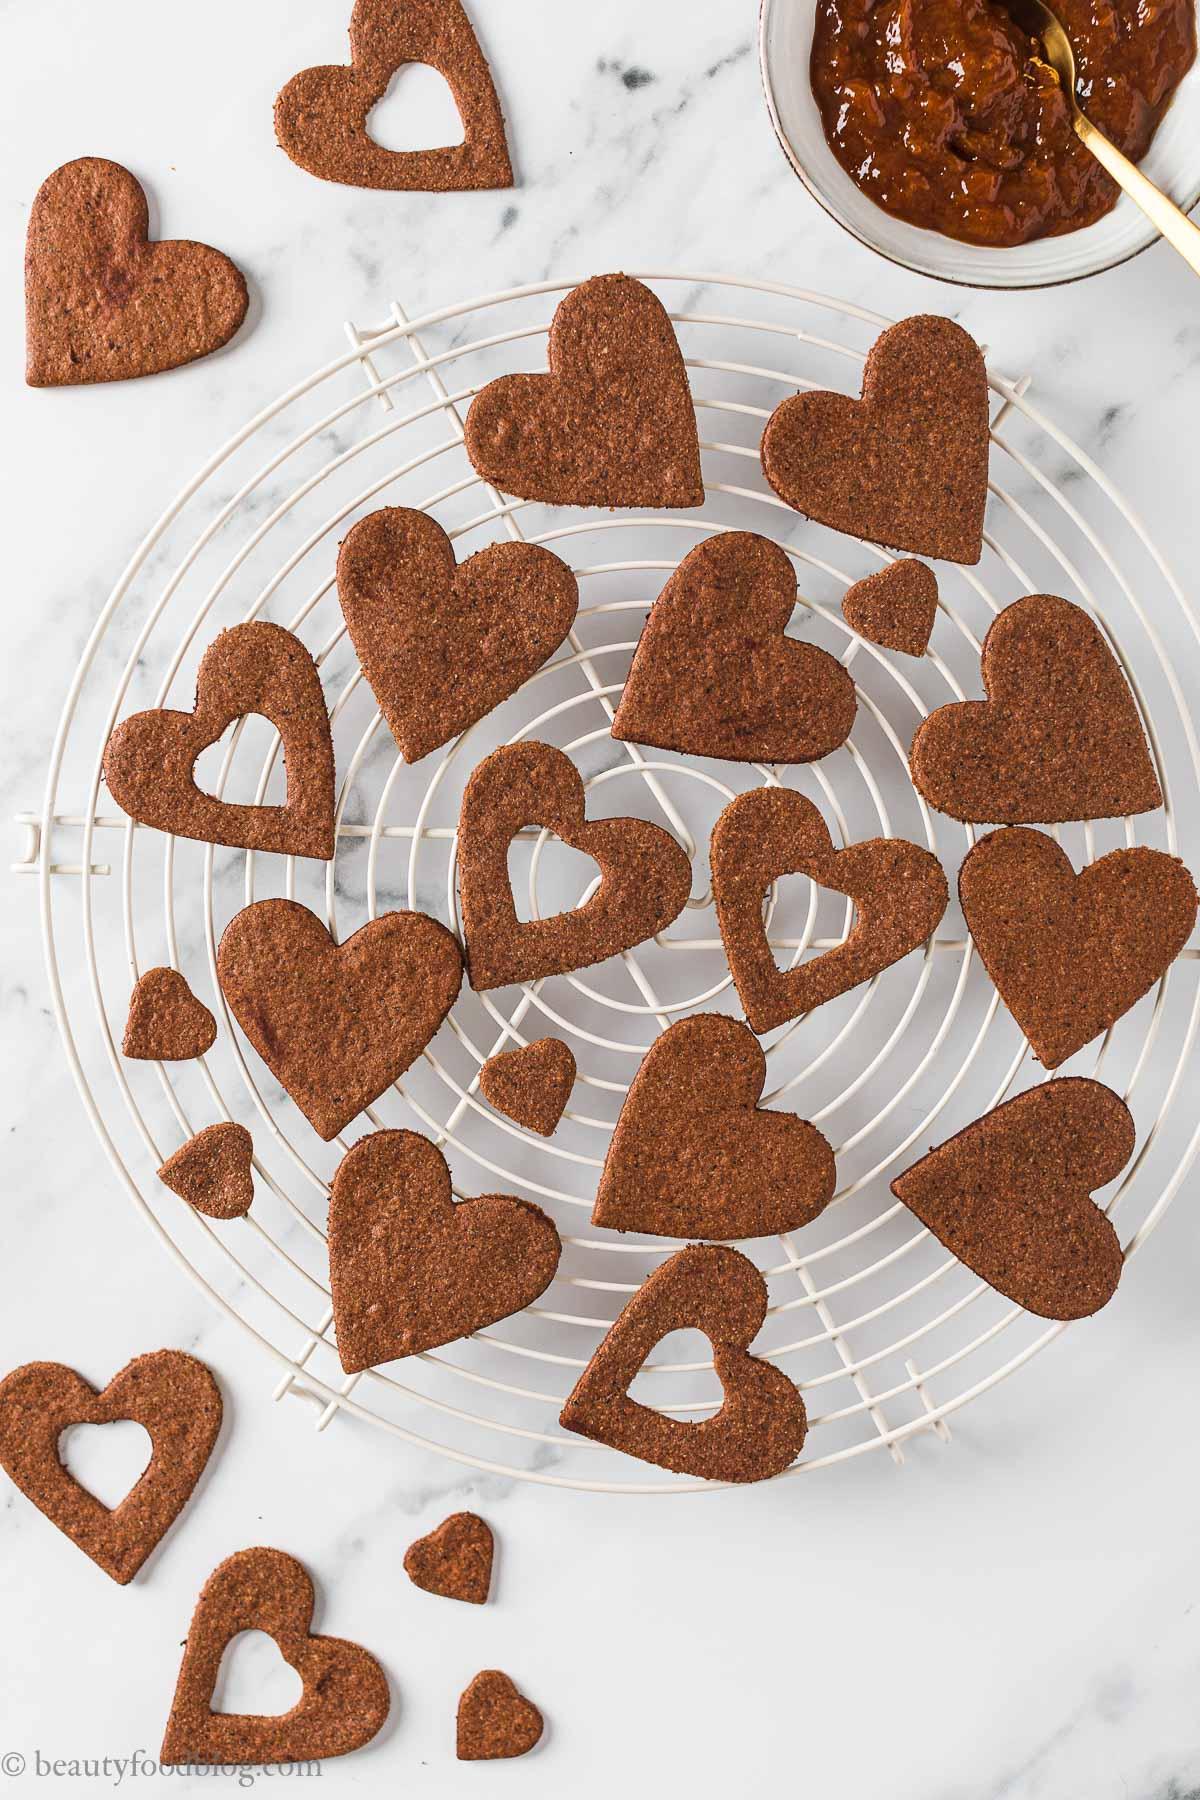 Frollini vegani senza glutine al cacao e caffè biscotti senza burro gluten-free vegan chocolate almond Linzer cookies